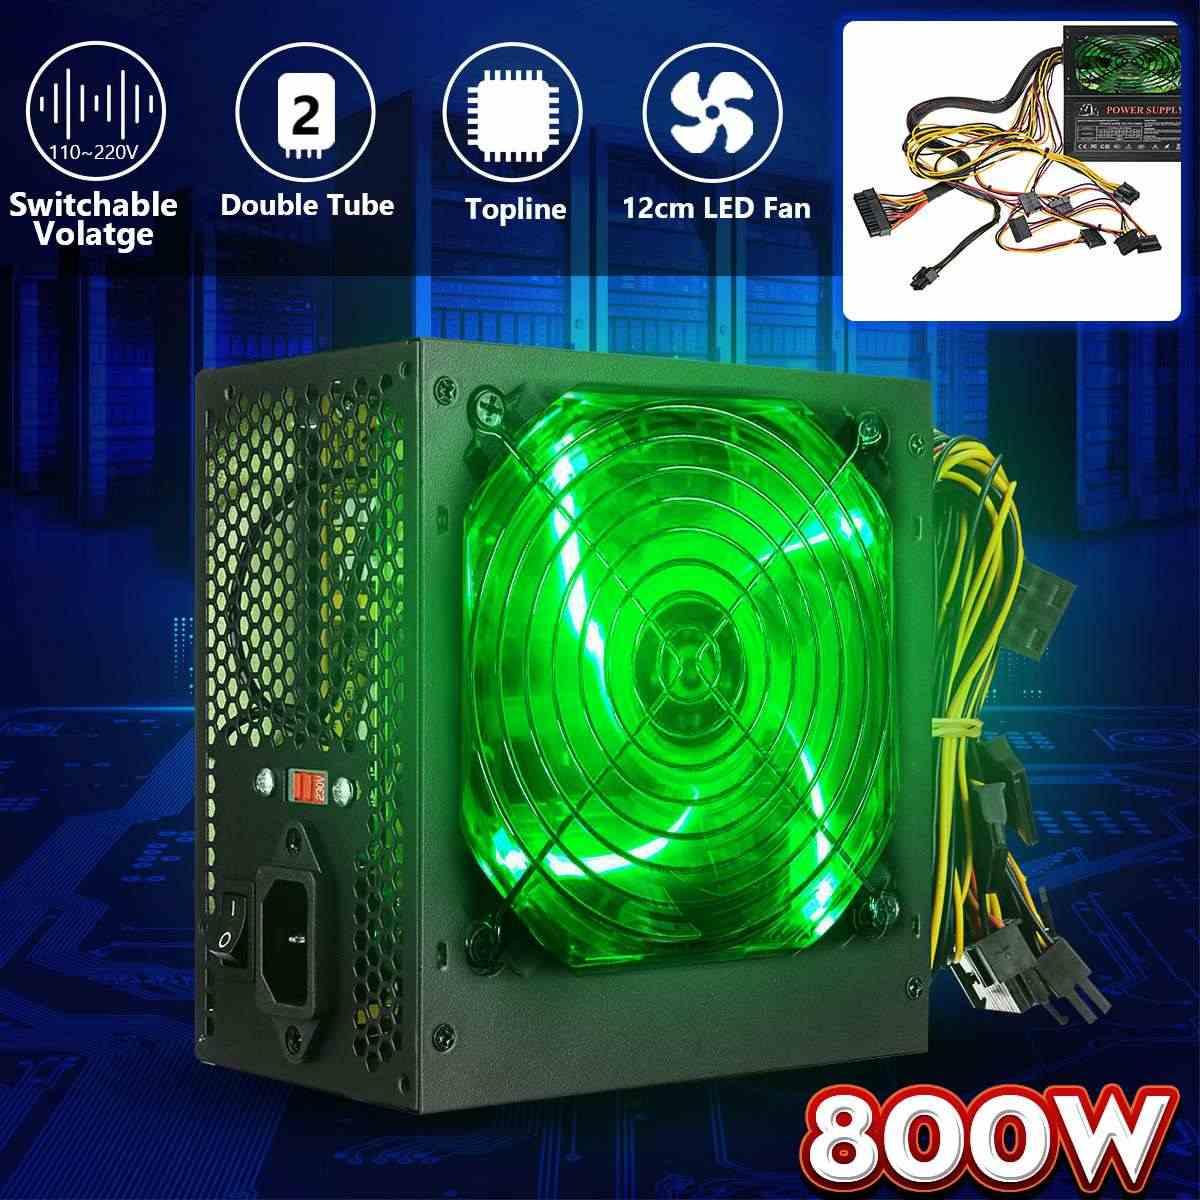 800W 110 ~ 220V moc PC zasilanie 12cm LED cichy wentylator z inteligentna temperatura sterowania Intel AMD ATX 12V dla komputera stacjonarnego